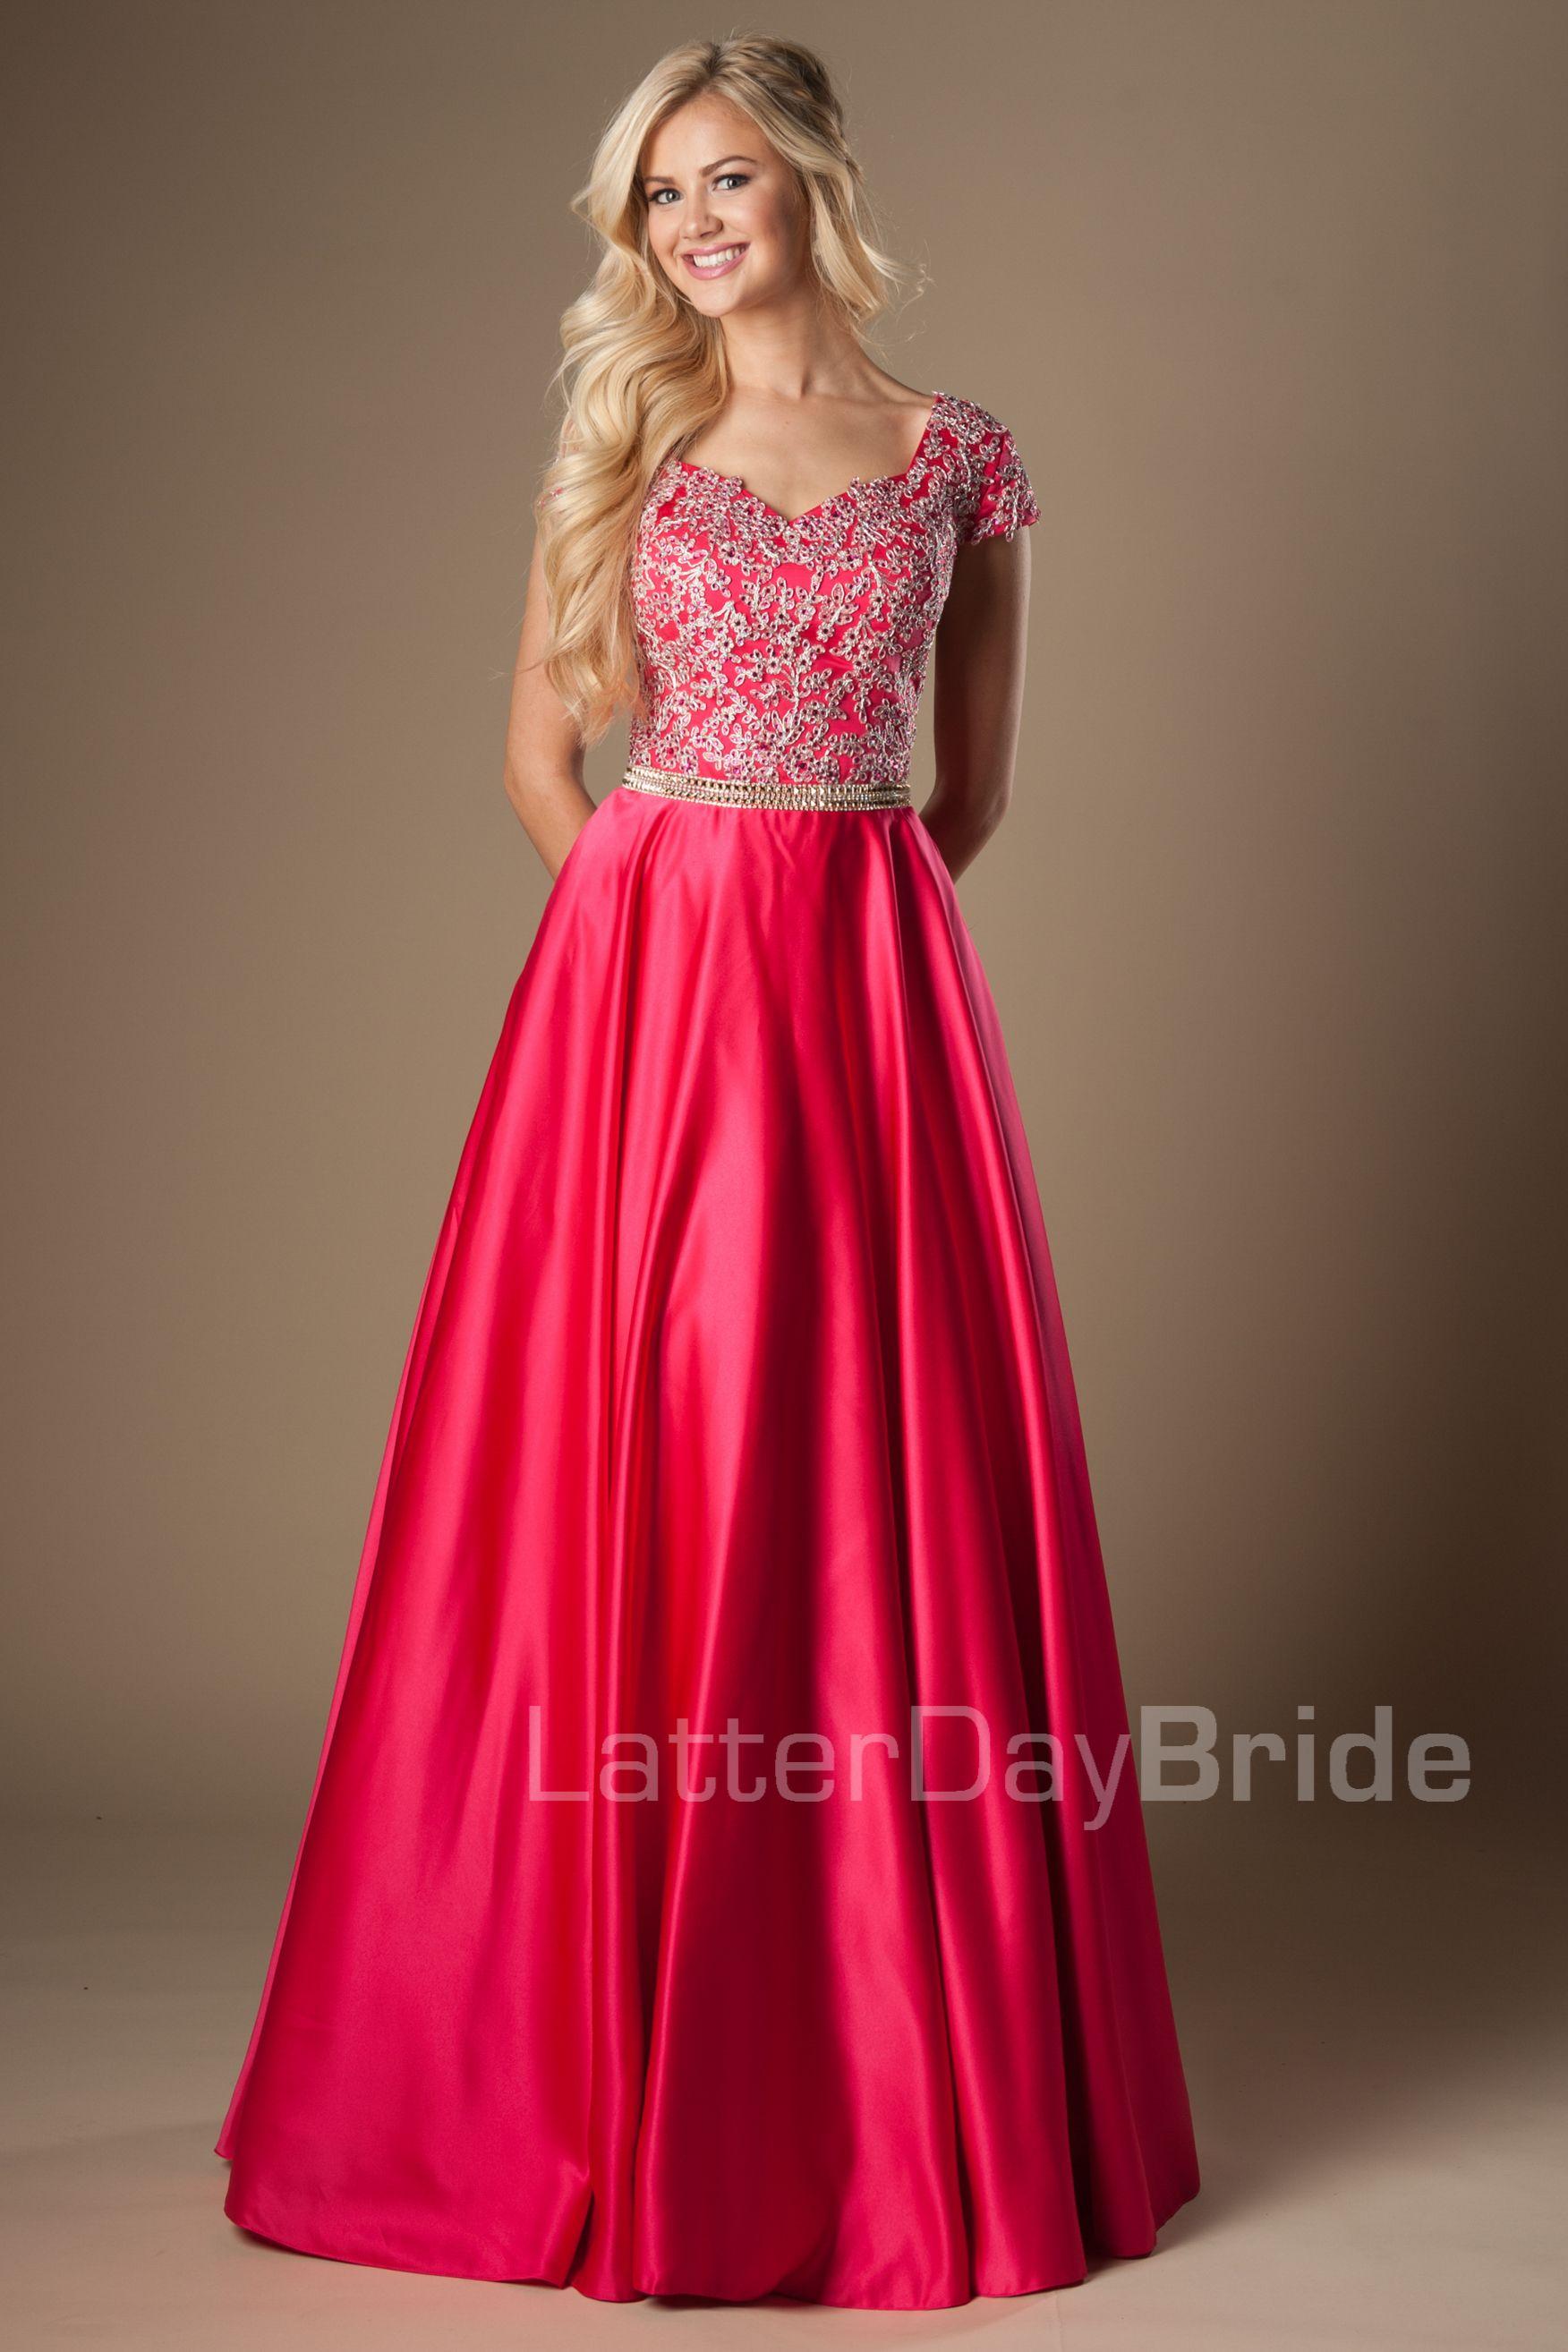 Modest Prom Dresses - Ocodea.com